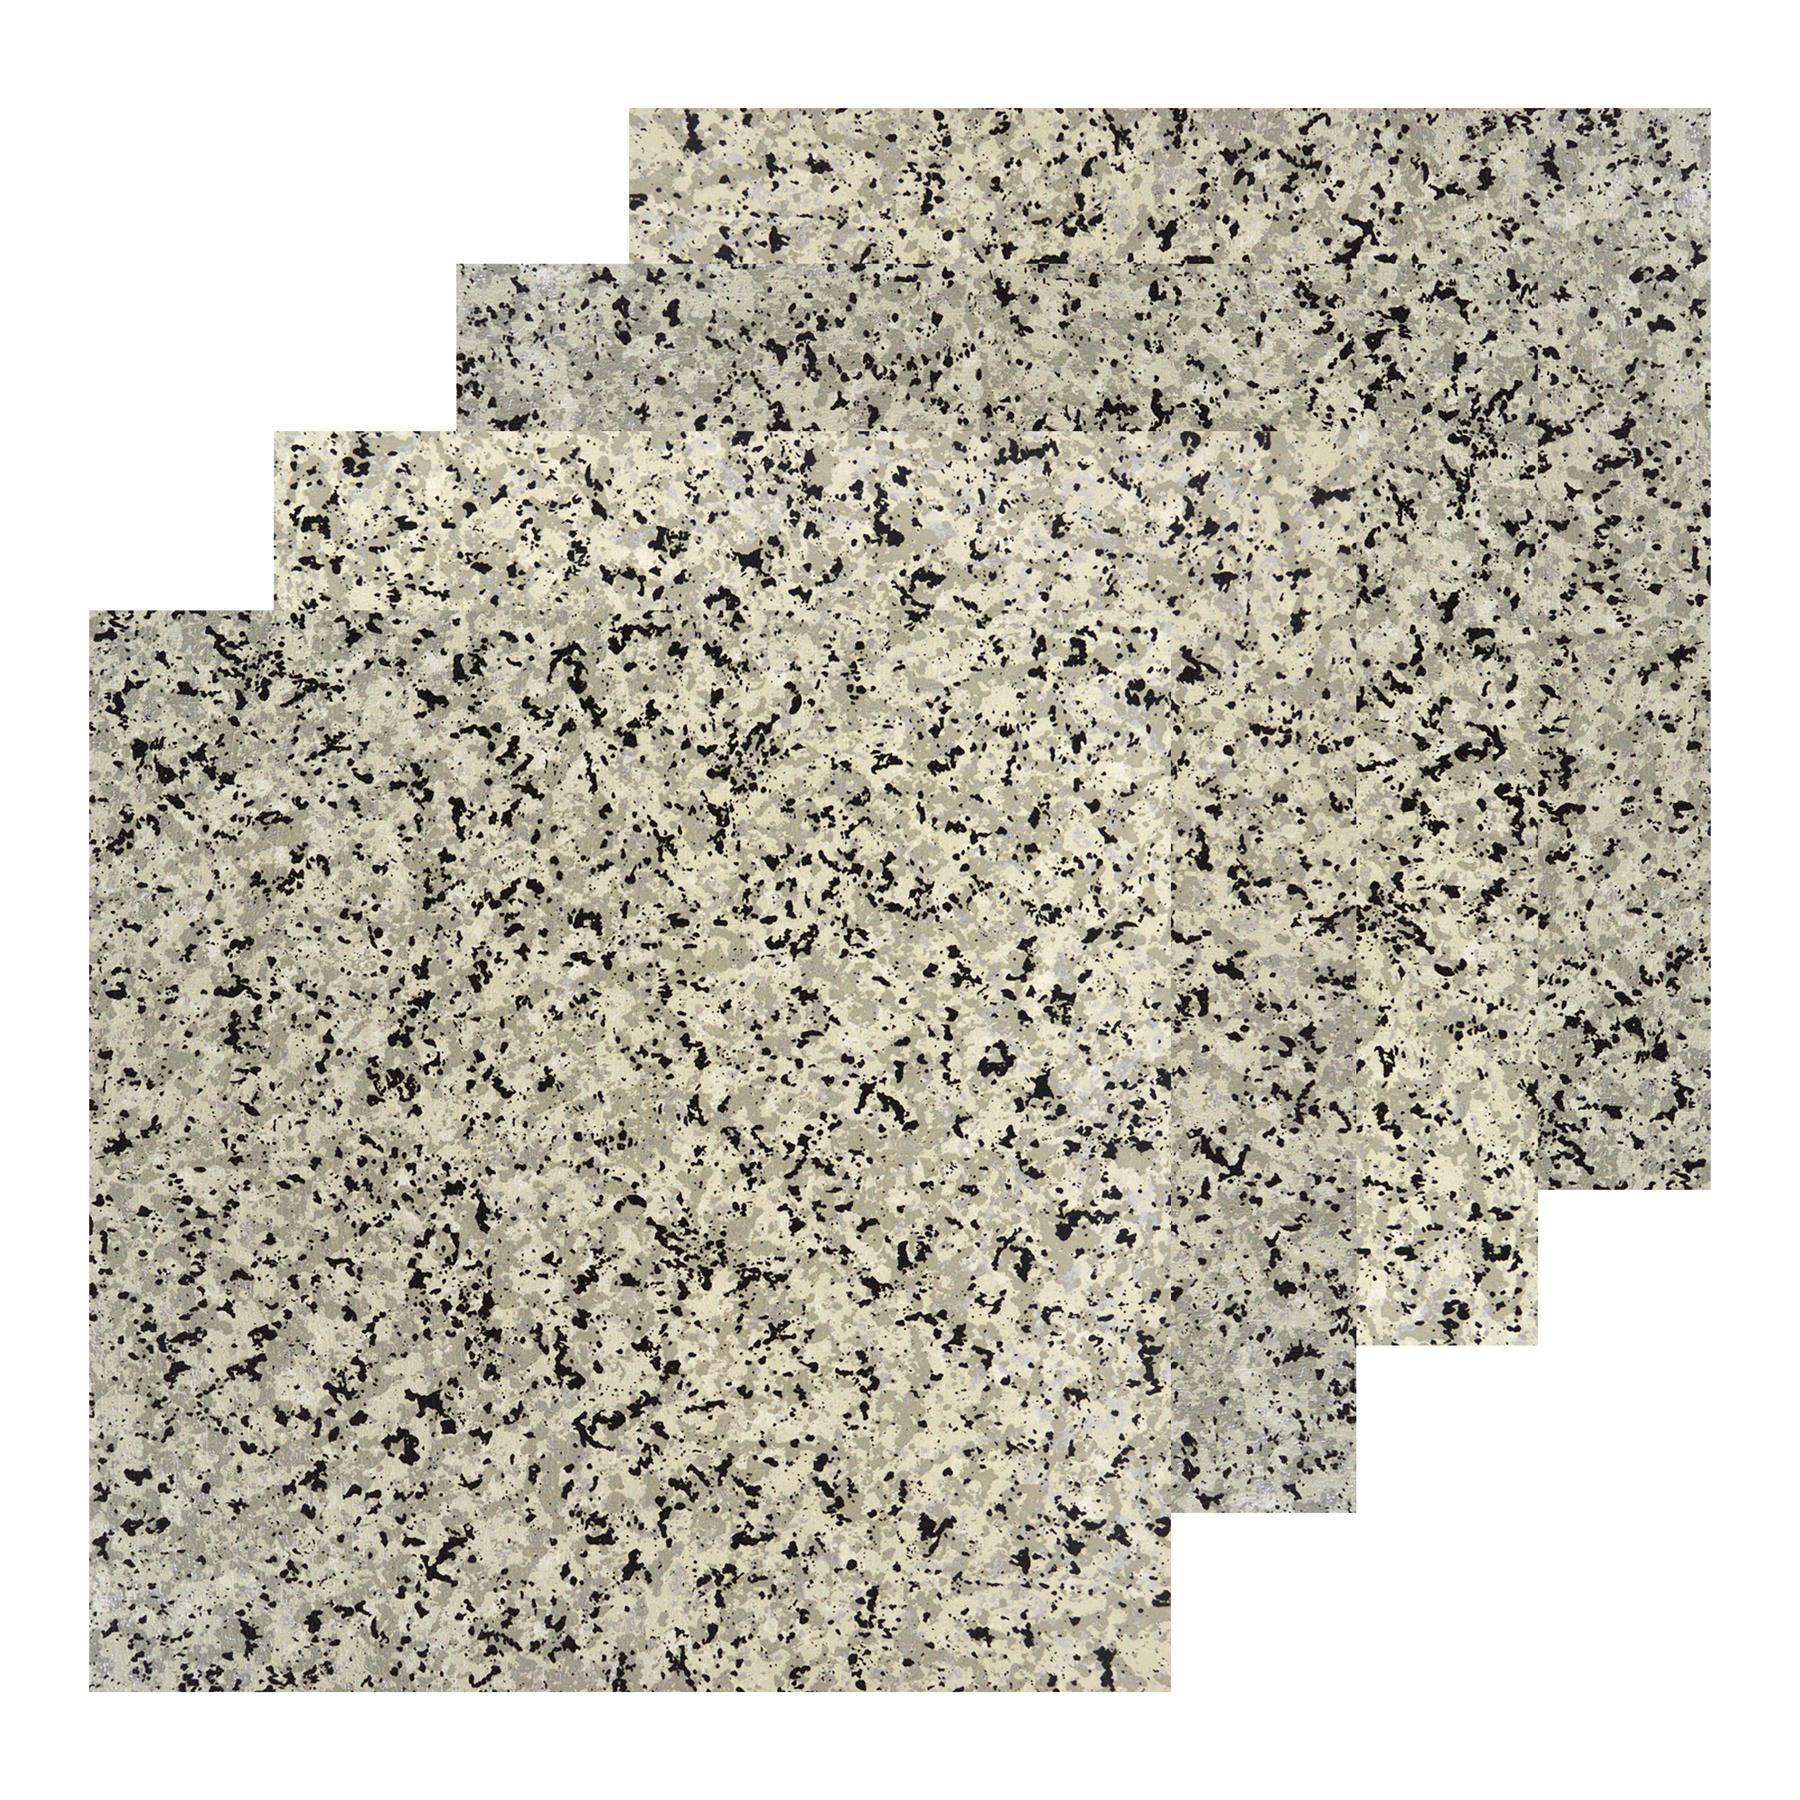 Vinyl Floor Tiles Self Adhesive Textured Grip Flooring DIY ...